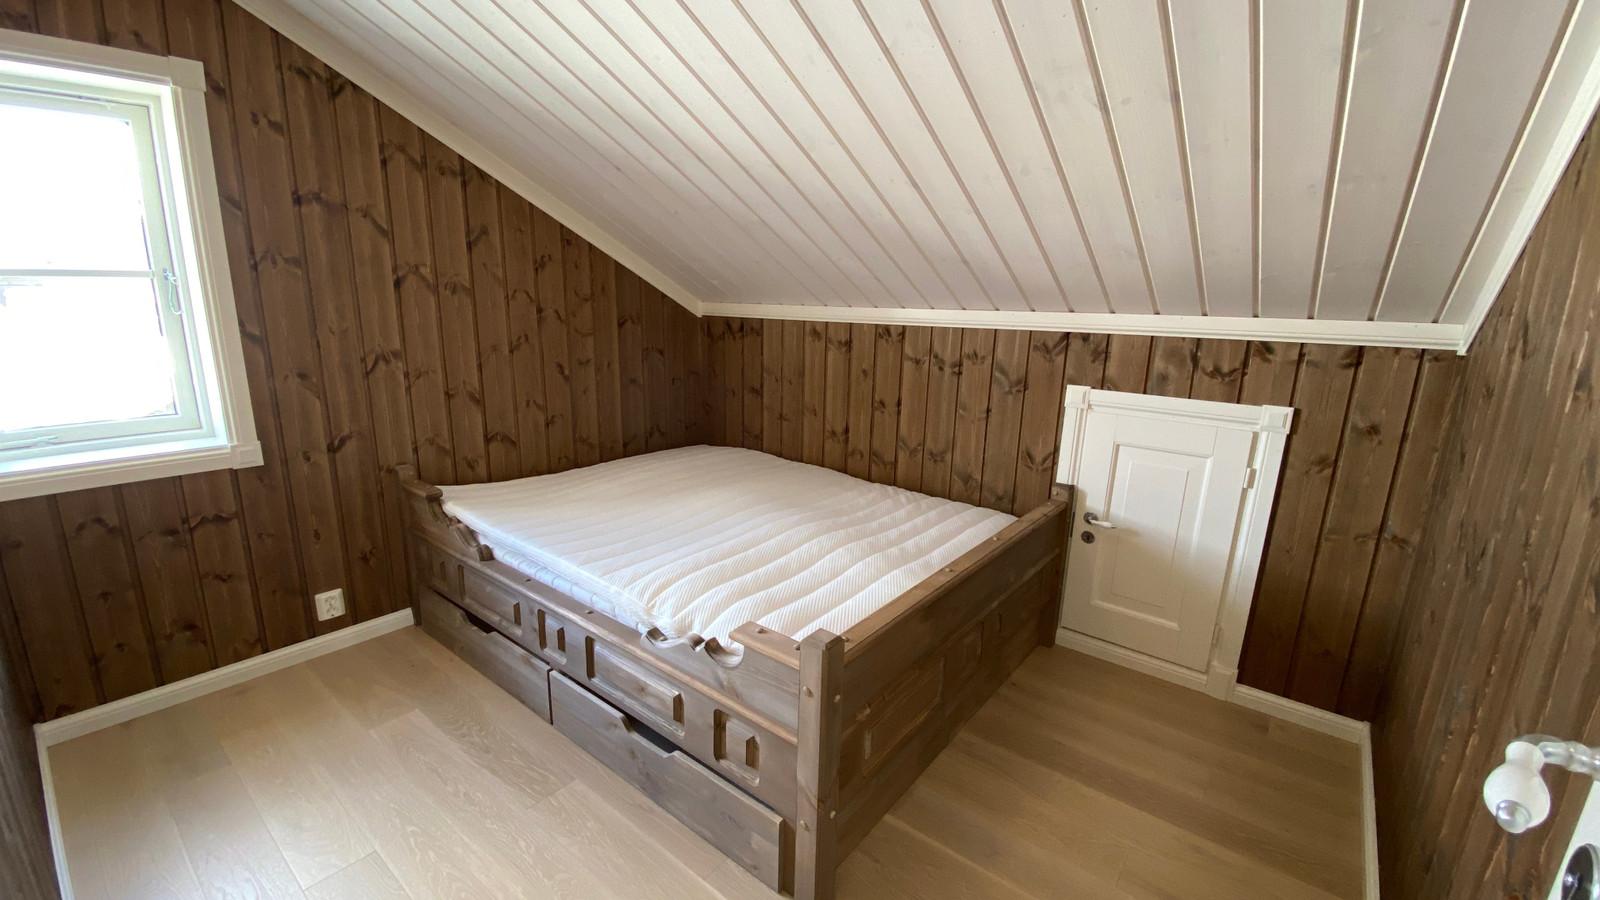 Sov i andre etasje, Plassbyggett senger kan vi levere. Kunde tilpassett farger